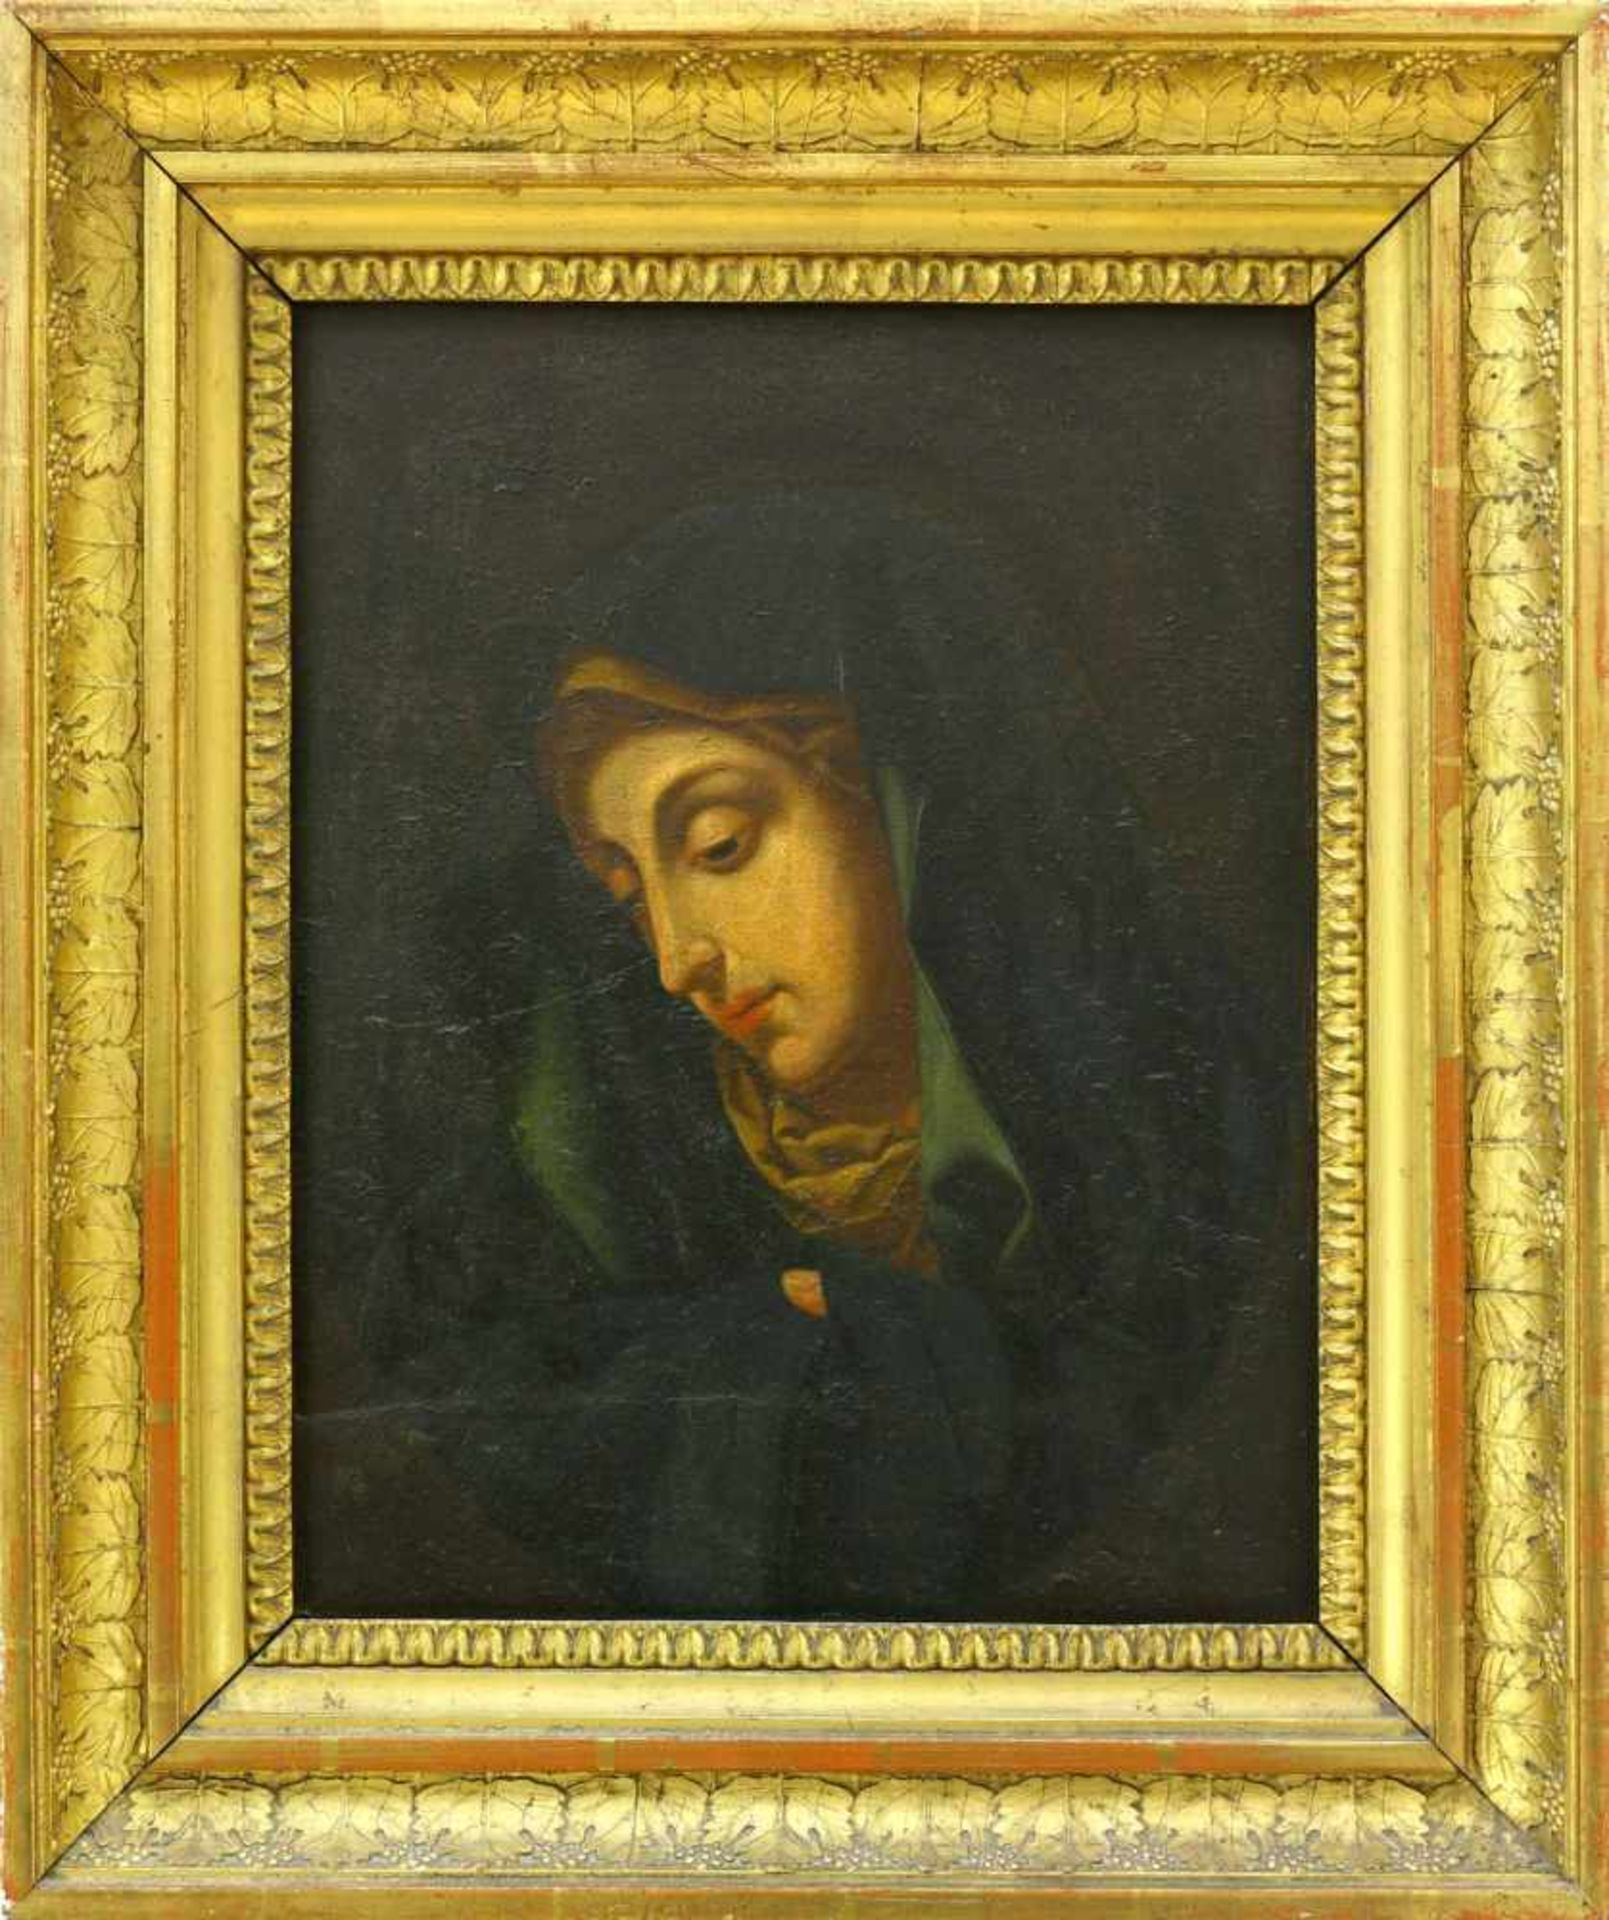 Maler, 18. Jh., wohl SpanienMadonna, den Blick nach unten gerichtet. Öl auf Holz. 27,2 x 21,2 cm.